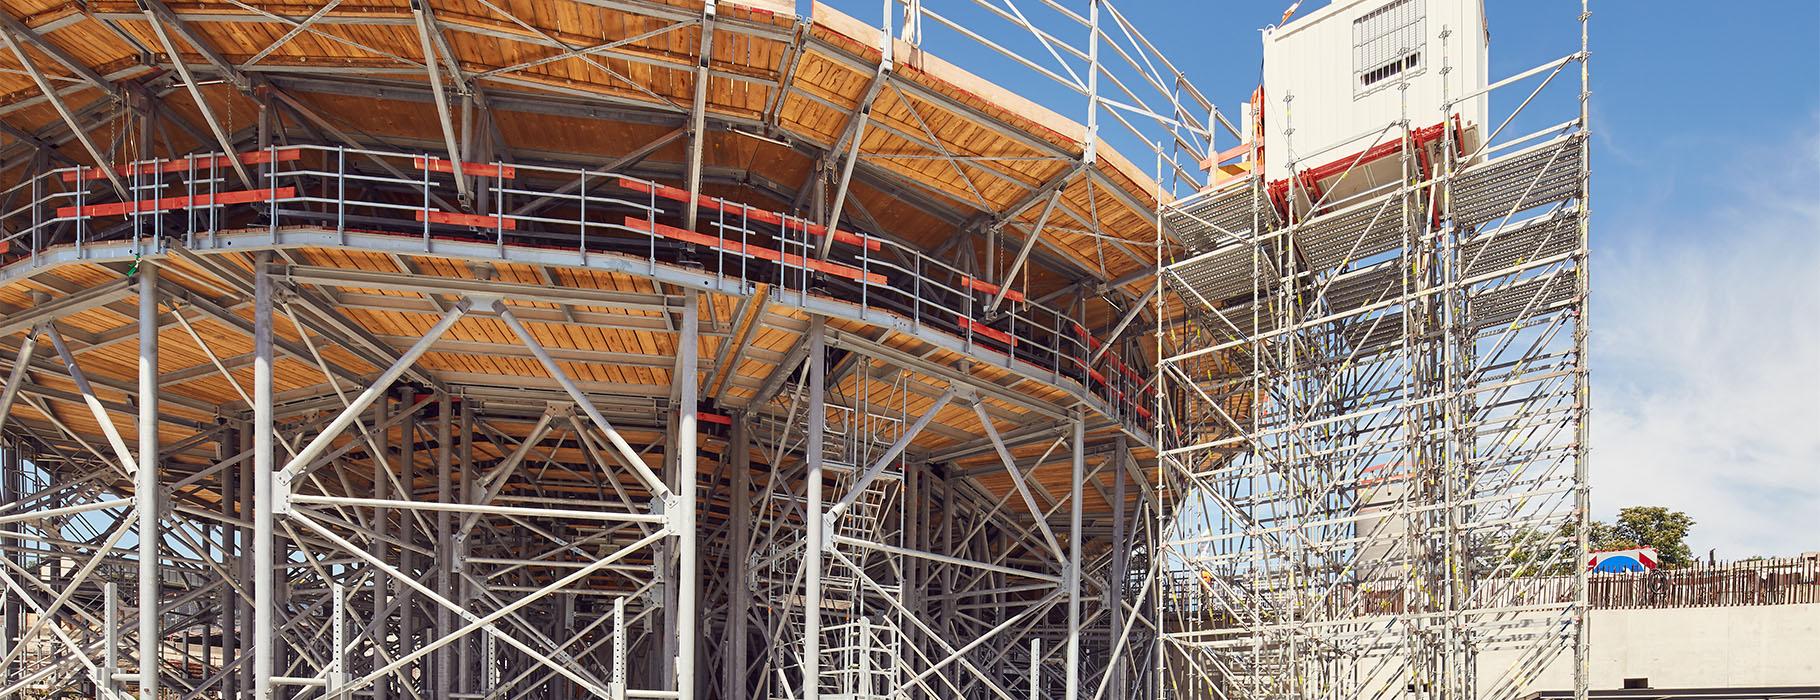 Kelchstuetze_S21_PFA-1-1_Talquerung_Architekt-Ingenhoven_zukuenftige-unterirdische-Gleisanlagen